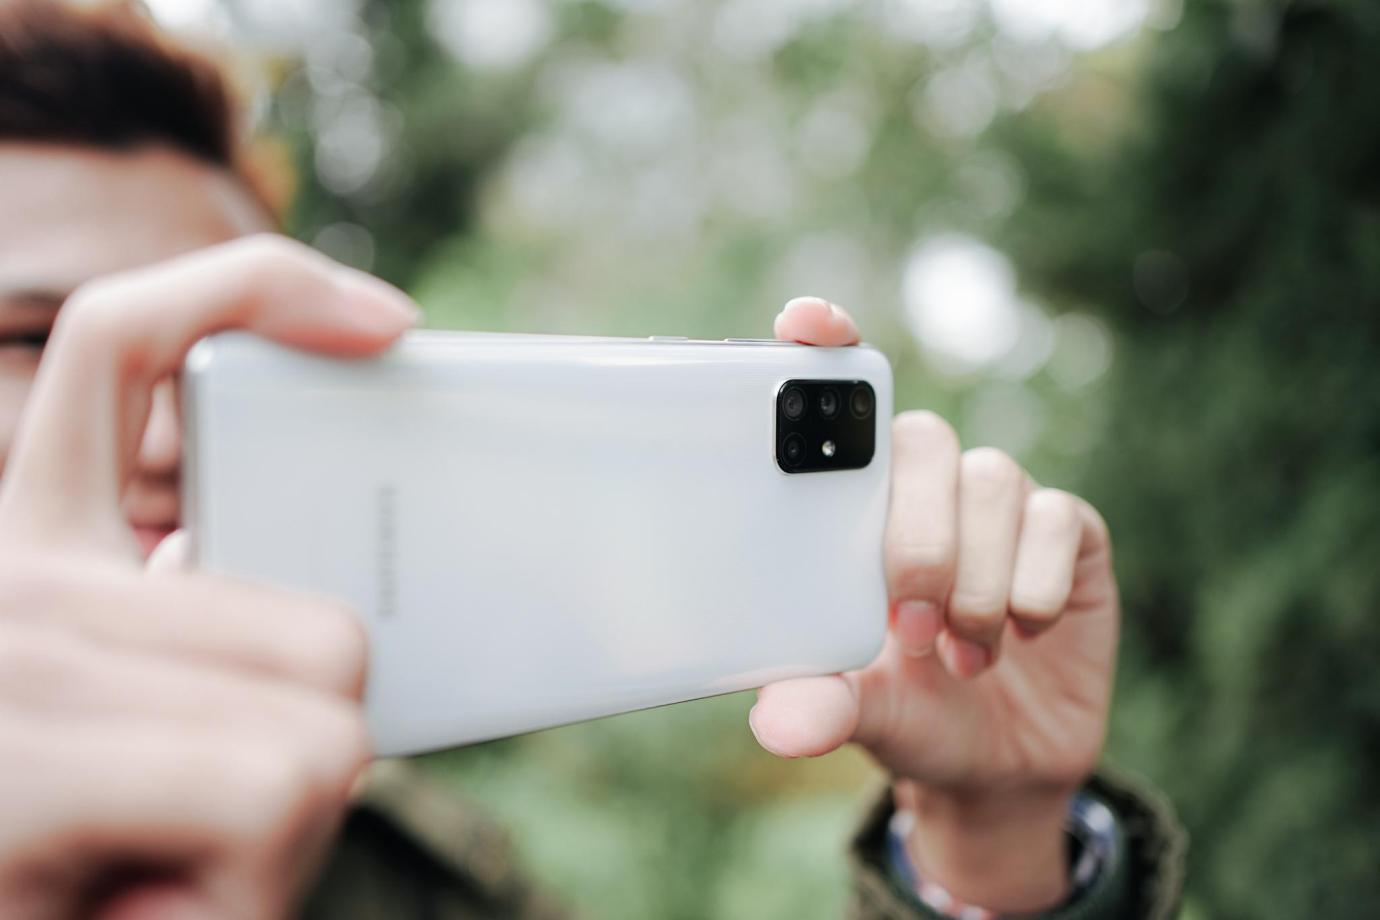 Cứ tưởng chụp bằng máy ảnh, hóa ra chỉ cần điện thoại là có những tấm hình Bắt trọn chất Art cỡ này! - Ảnh 5.